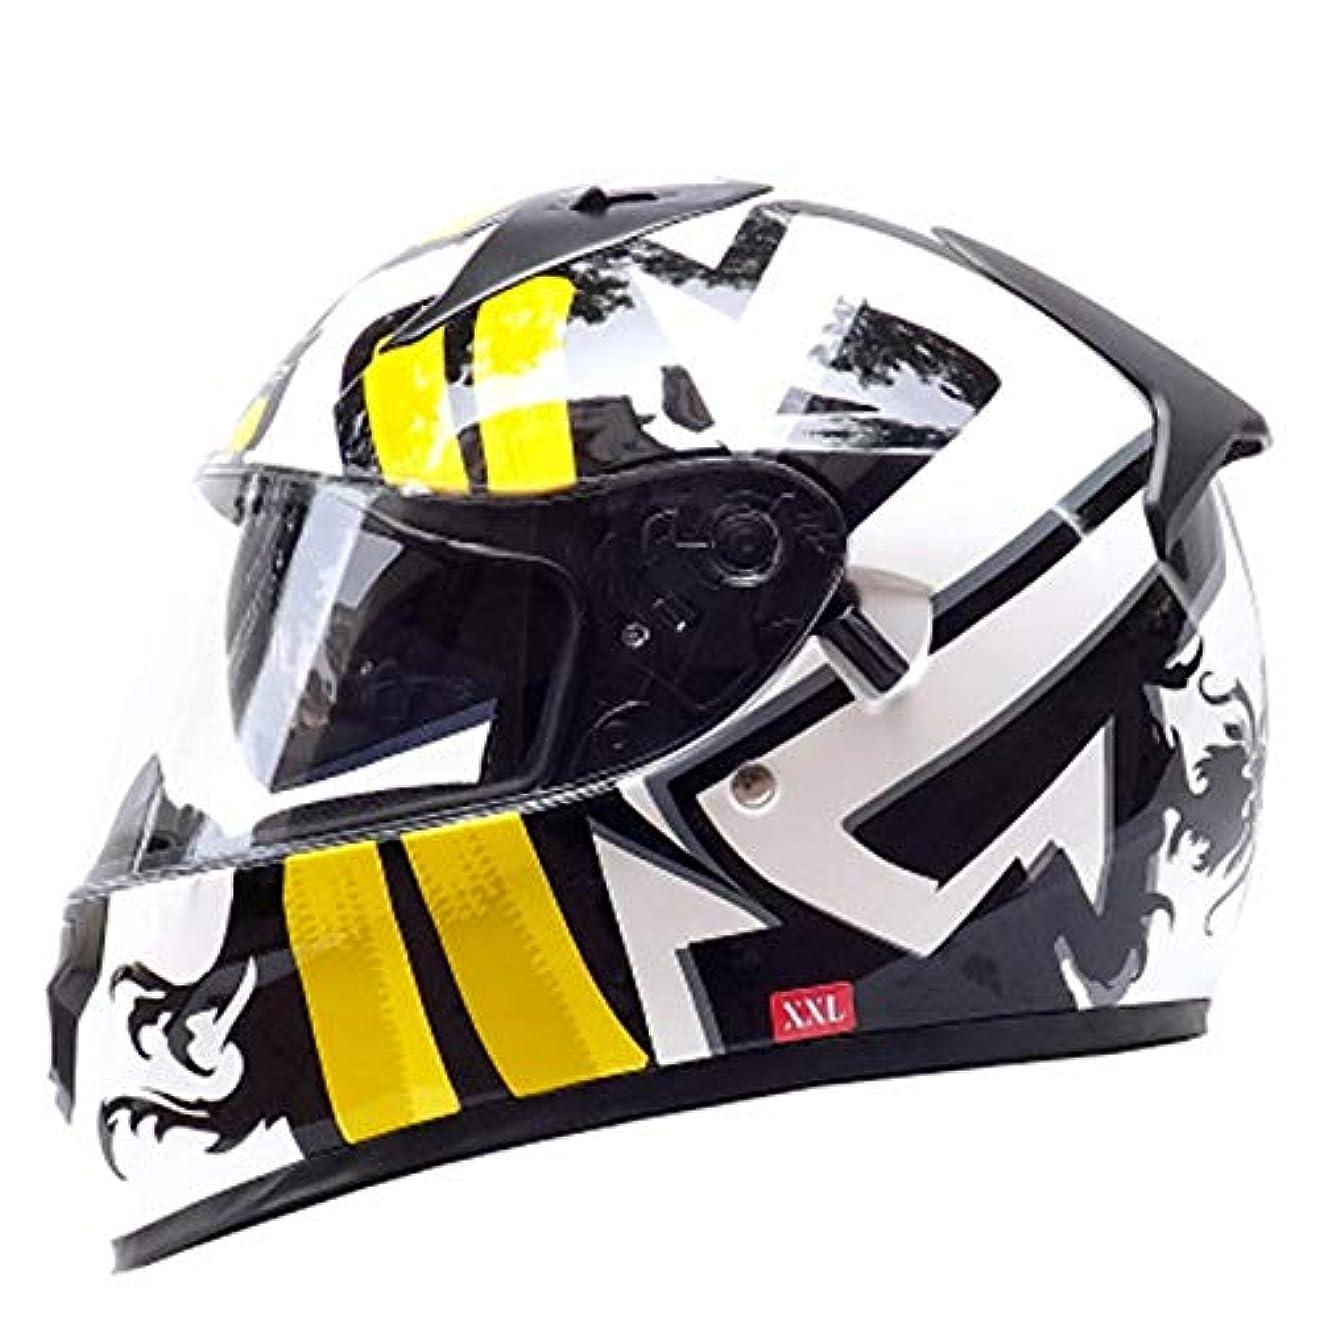 結論展望台メロディアスHYH オートバイバッテリーカー乗馬ヘルメットダブルレンズフルヘルメット安全ファッション技術高品質ヘルメット いい人生 (Size : XL)